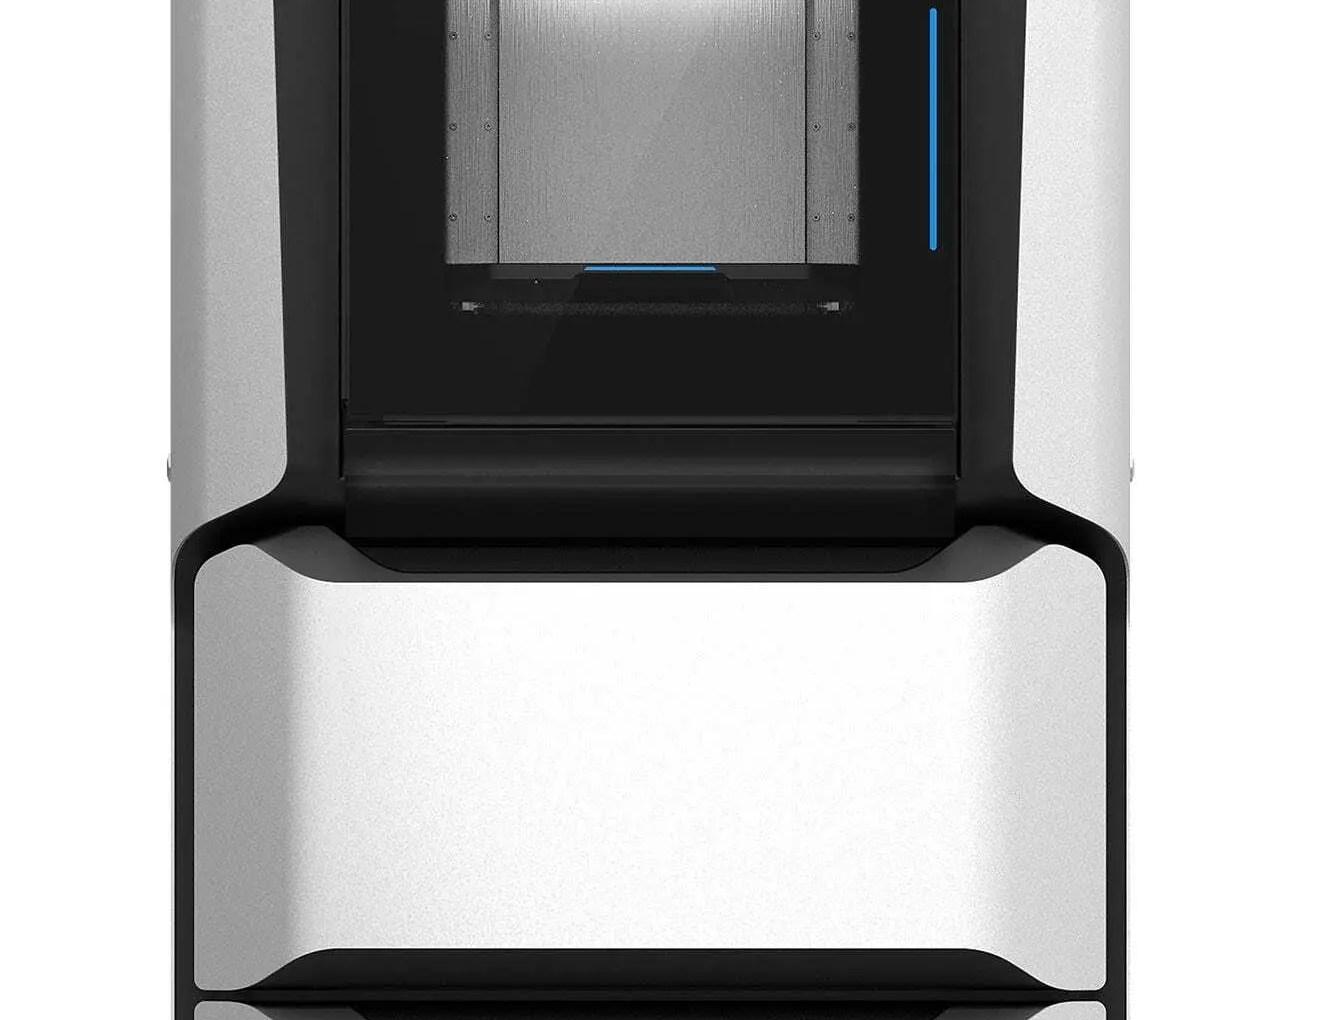 Impressoras 3D Stratasys Série F123 -  F120,F170, F270 e F370 | FDM